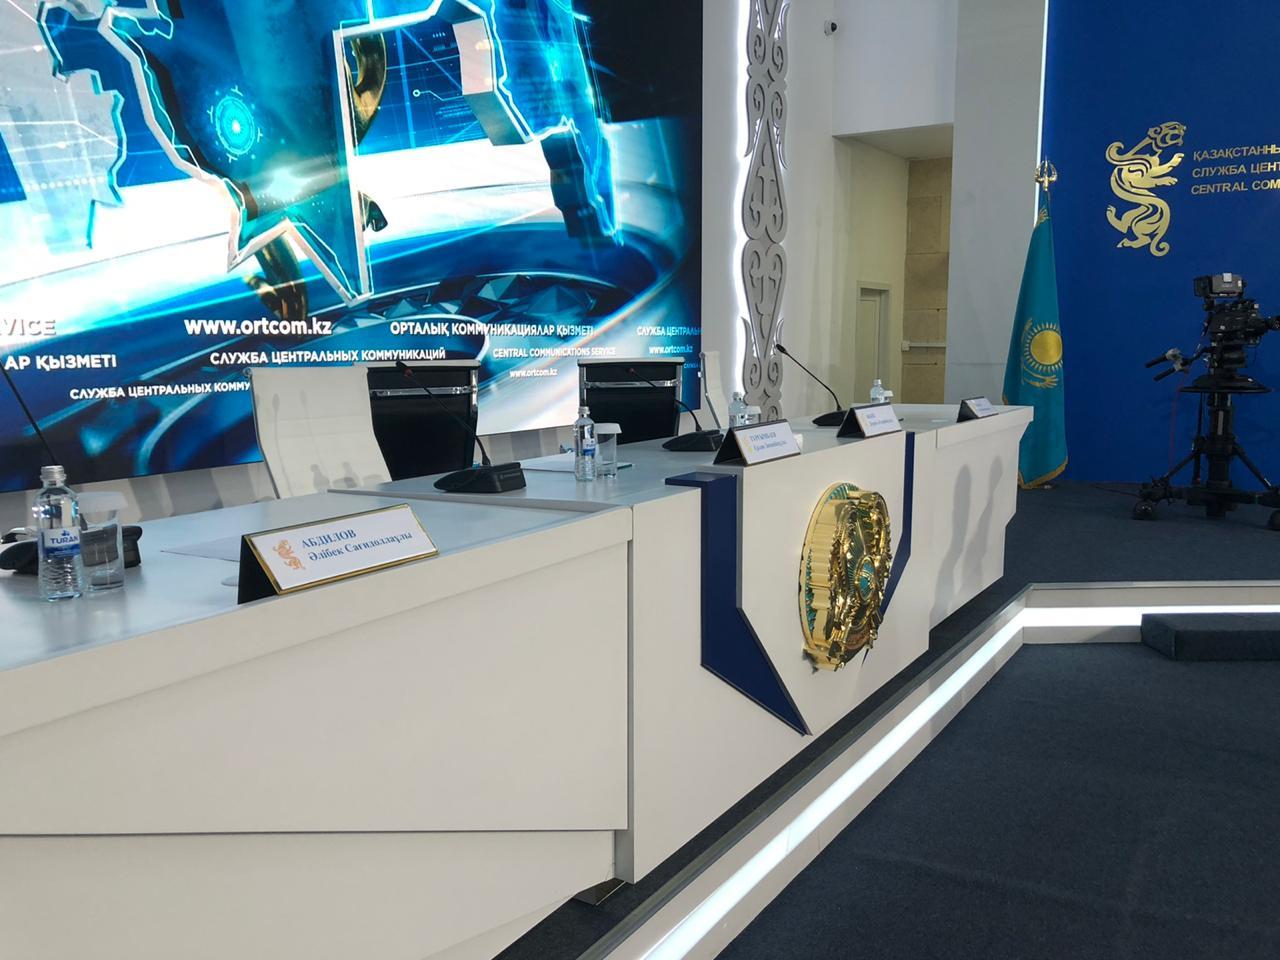 Официальную информацию о событиях в Кордайском районе предоставят на брифинге в 12:00